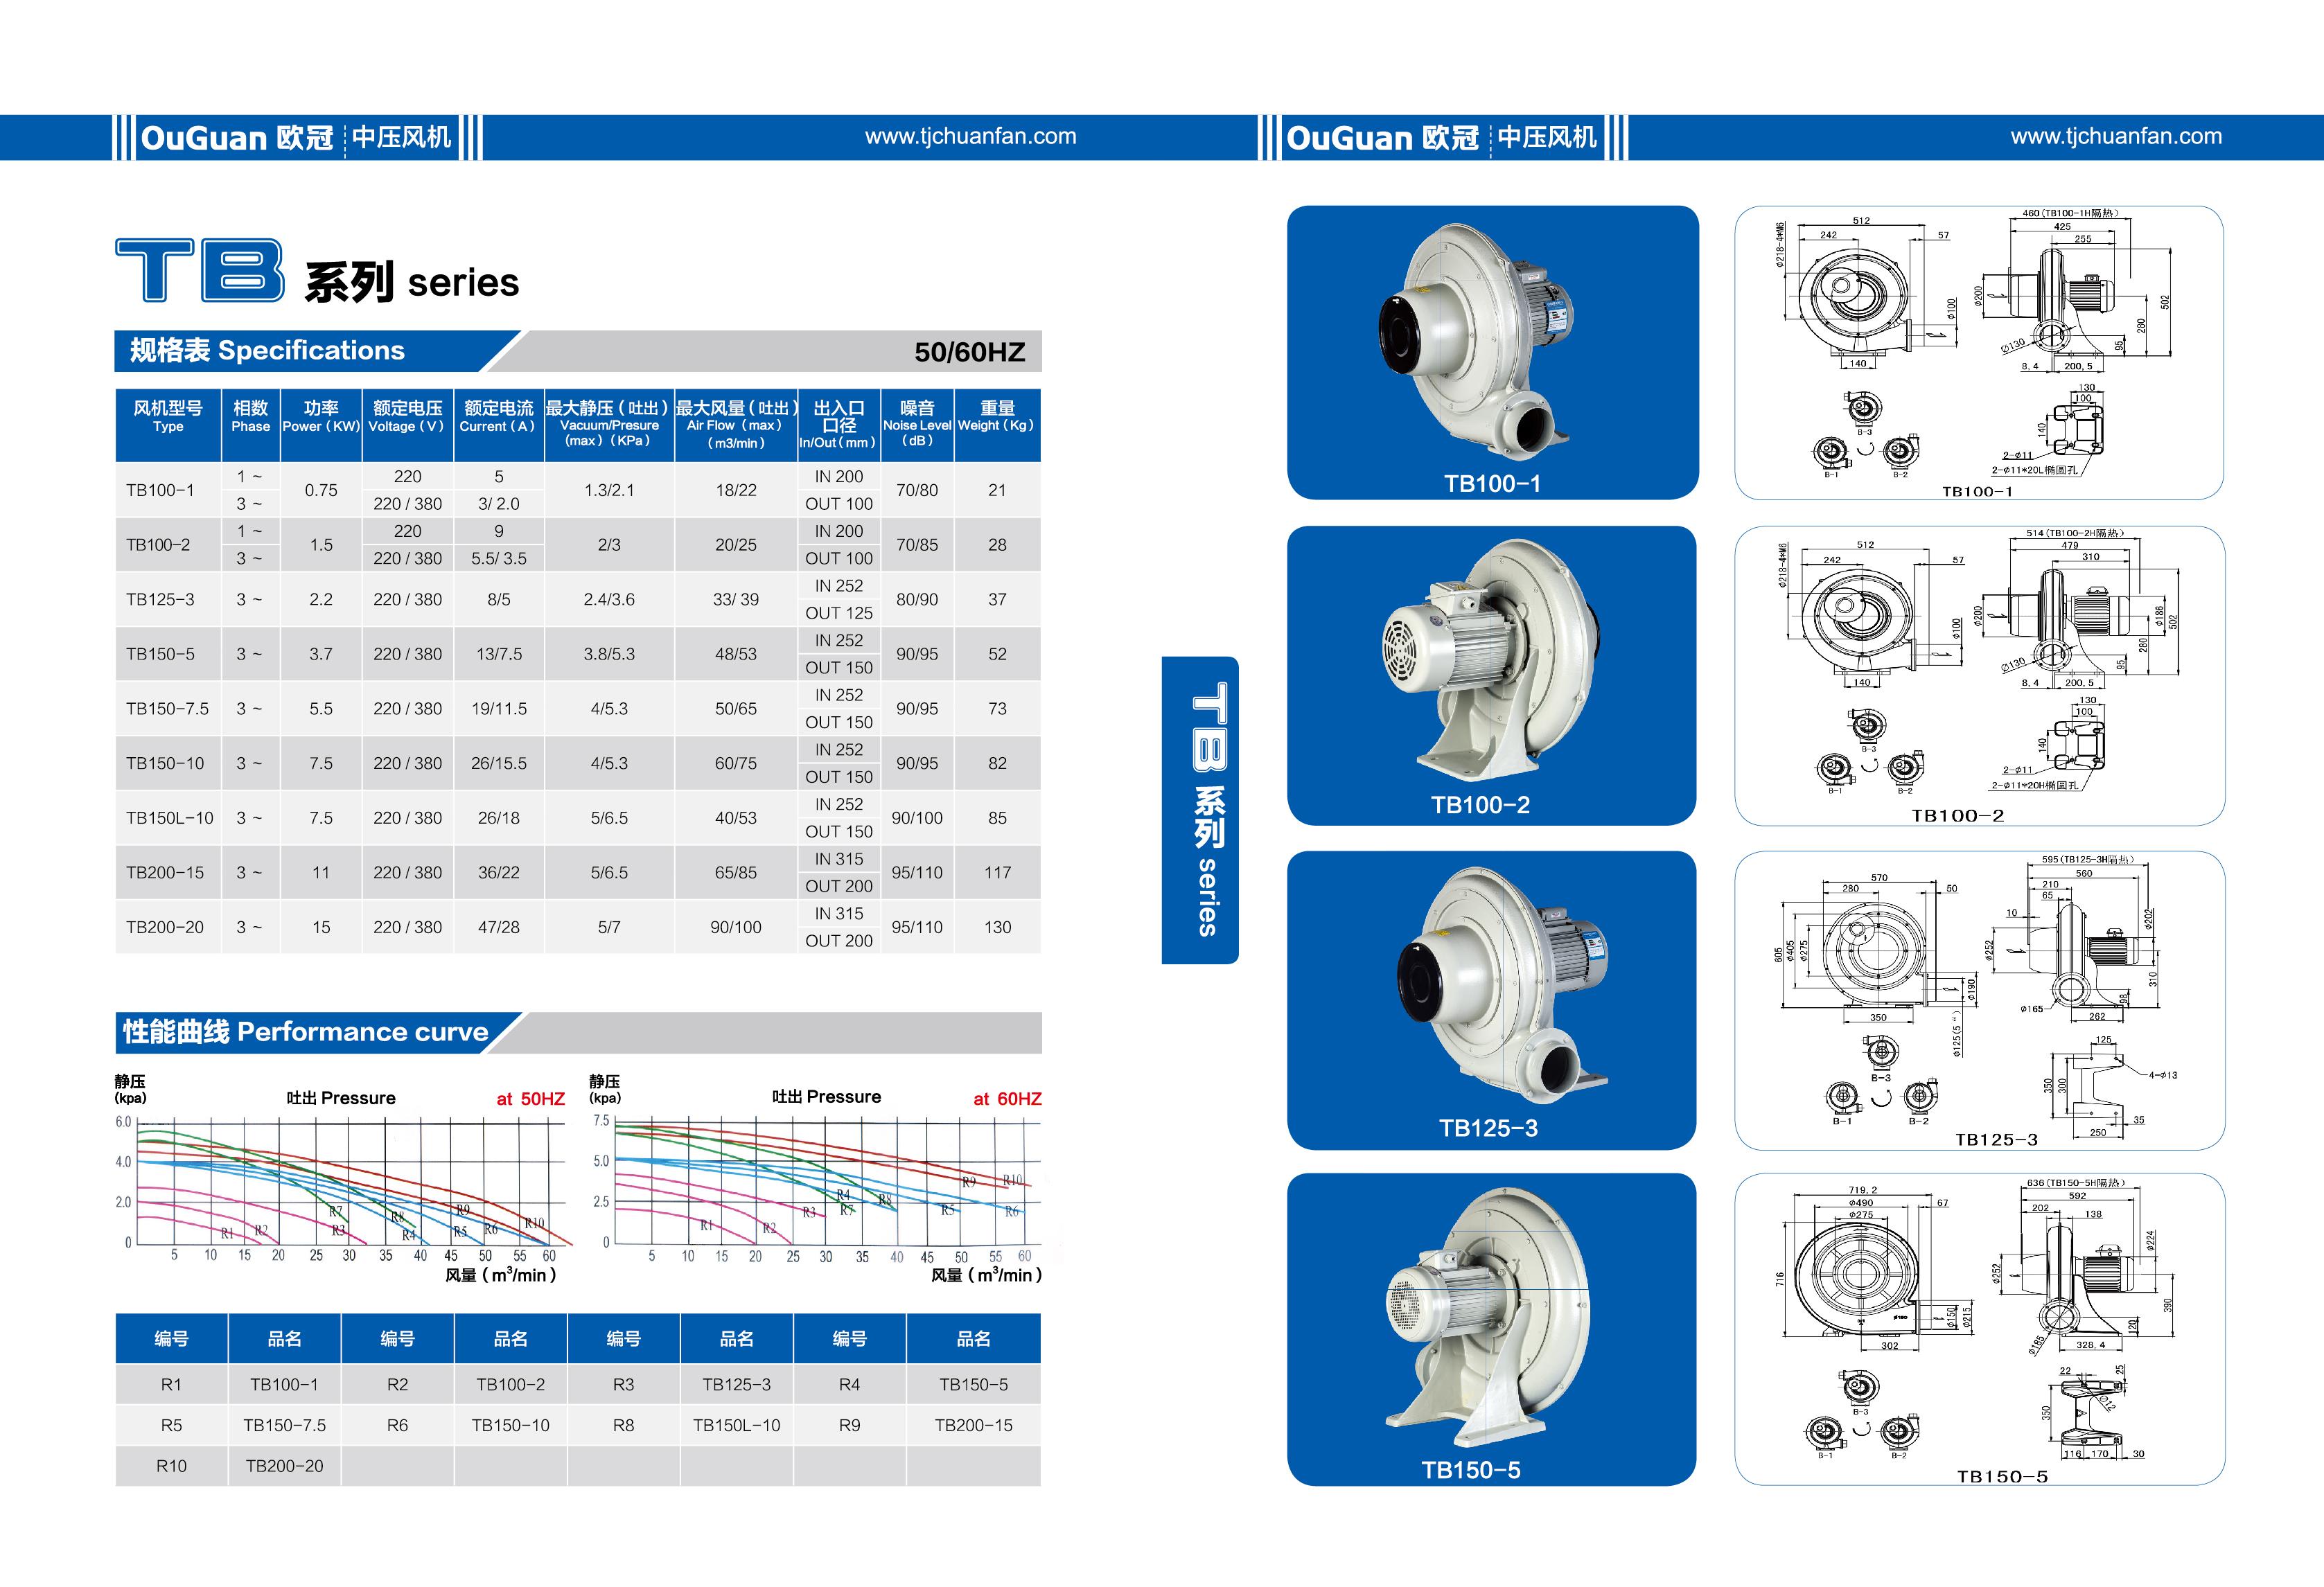 RB高压鼓风机 RB环形高压鼓风机 RB-200(200W RB高压鼓风机价格 RB高压鼓风机厂家 RB高压鼓风机定制